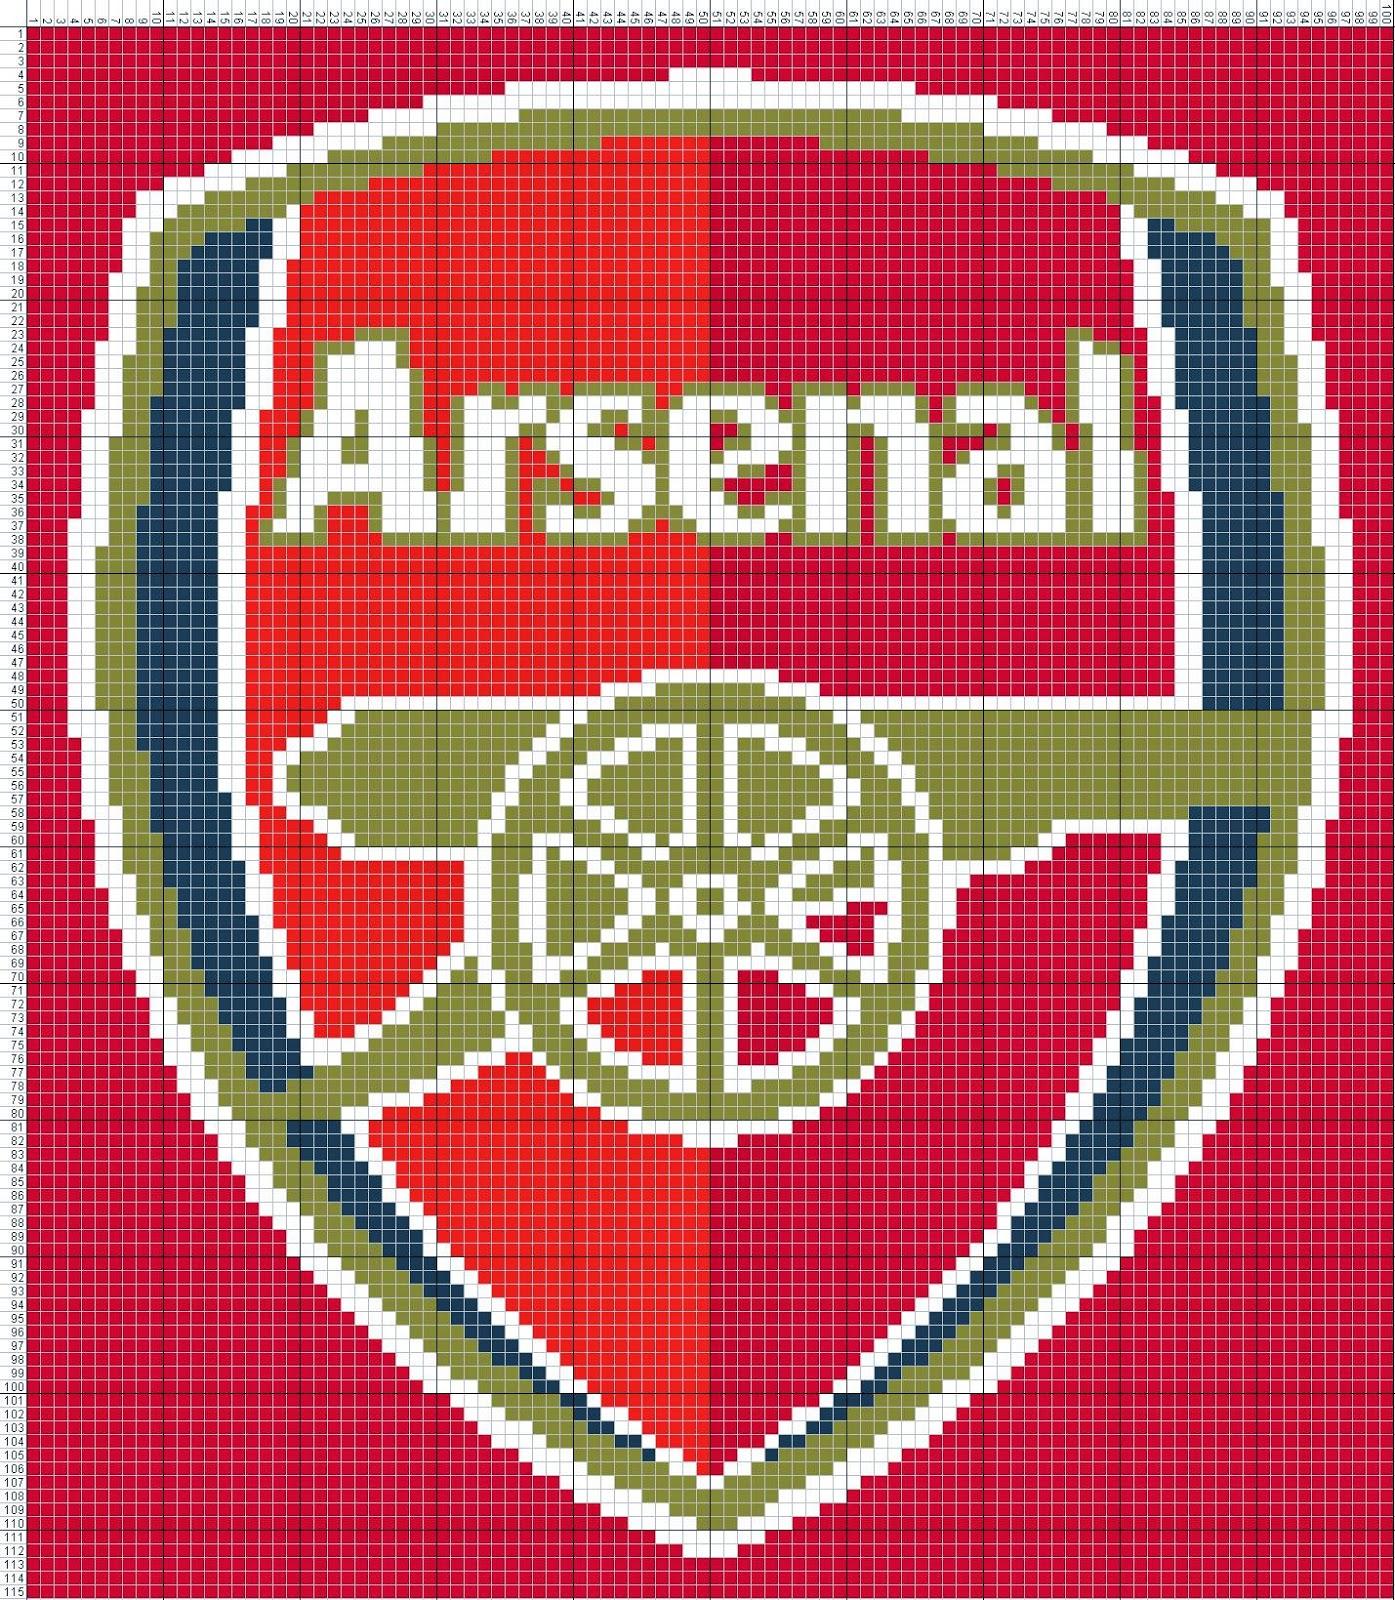 Gambar Pola Kristik Logo Arsenal FC - Inggris